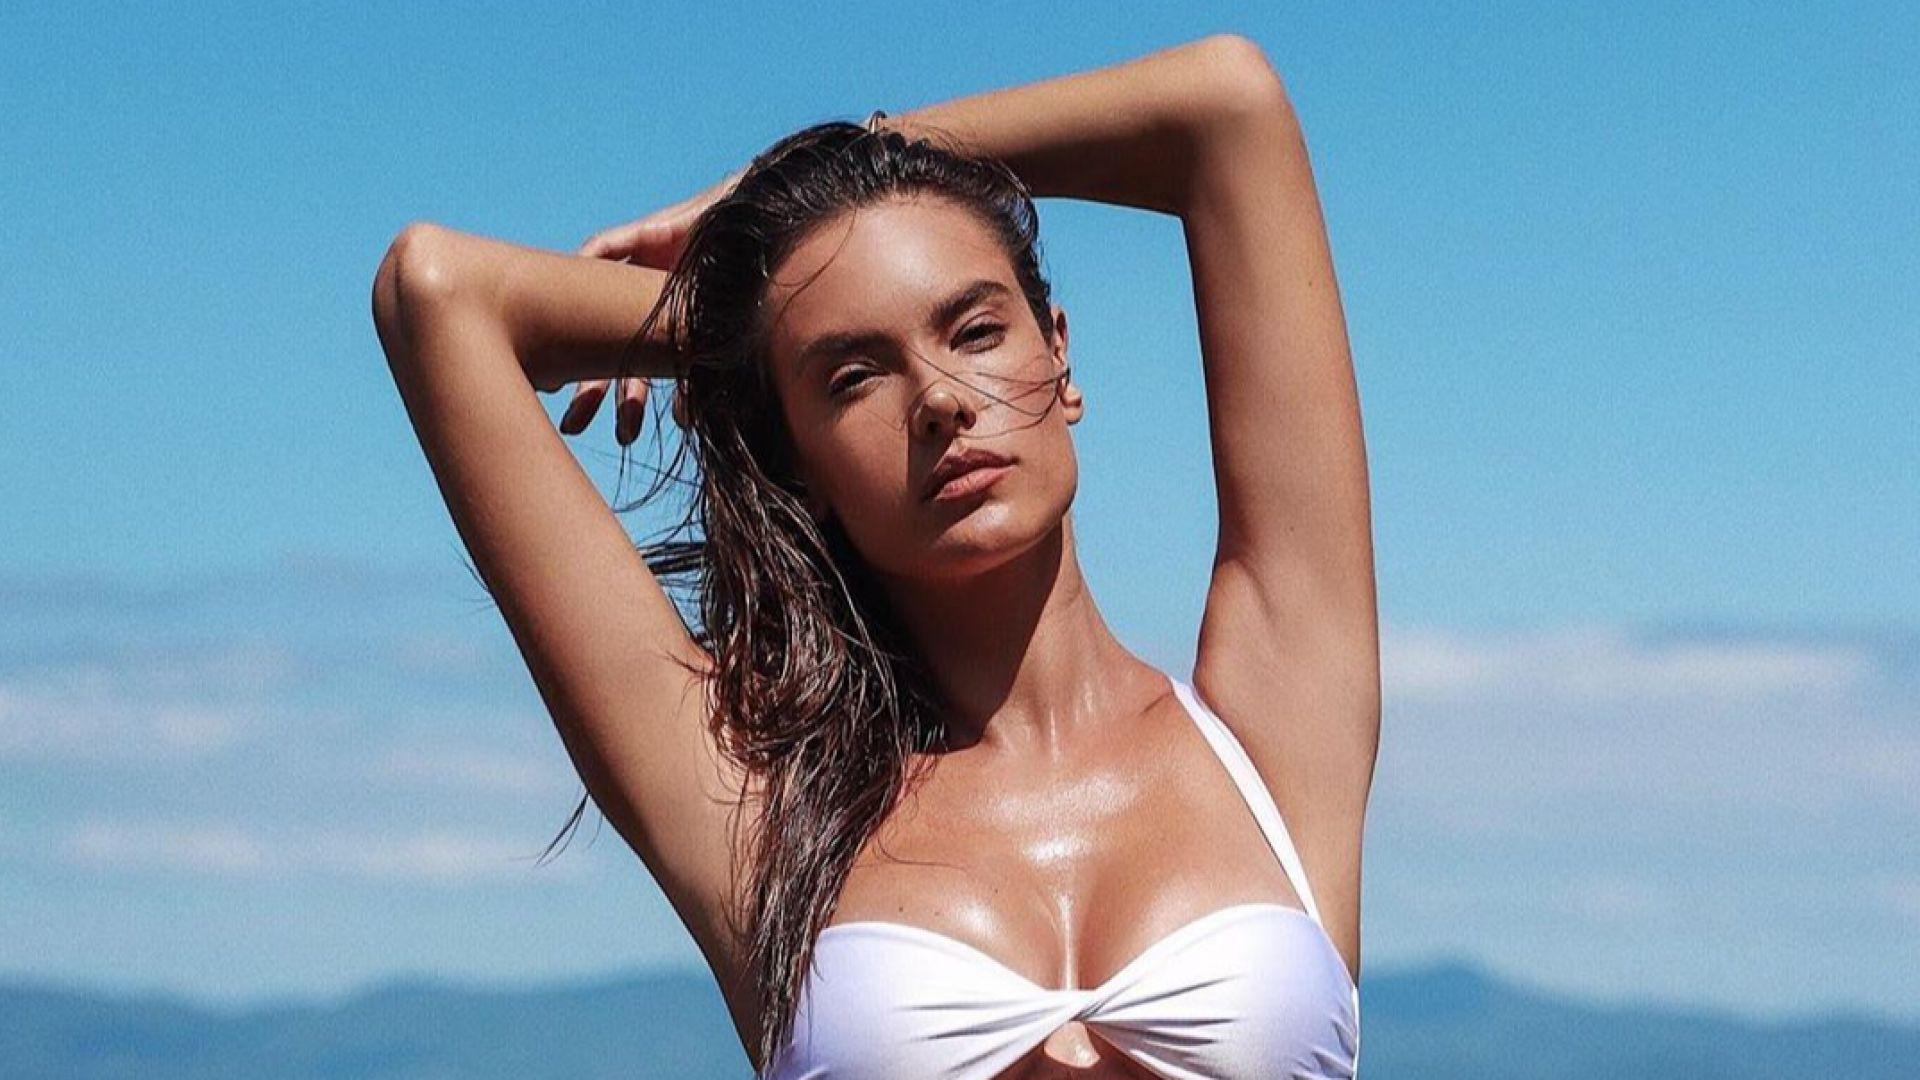 Сексапилната Алесандра Амброзио с горещи снимки по бански от Бразилия